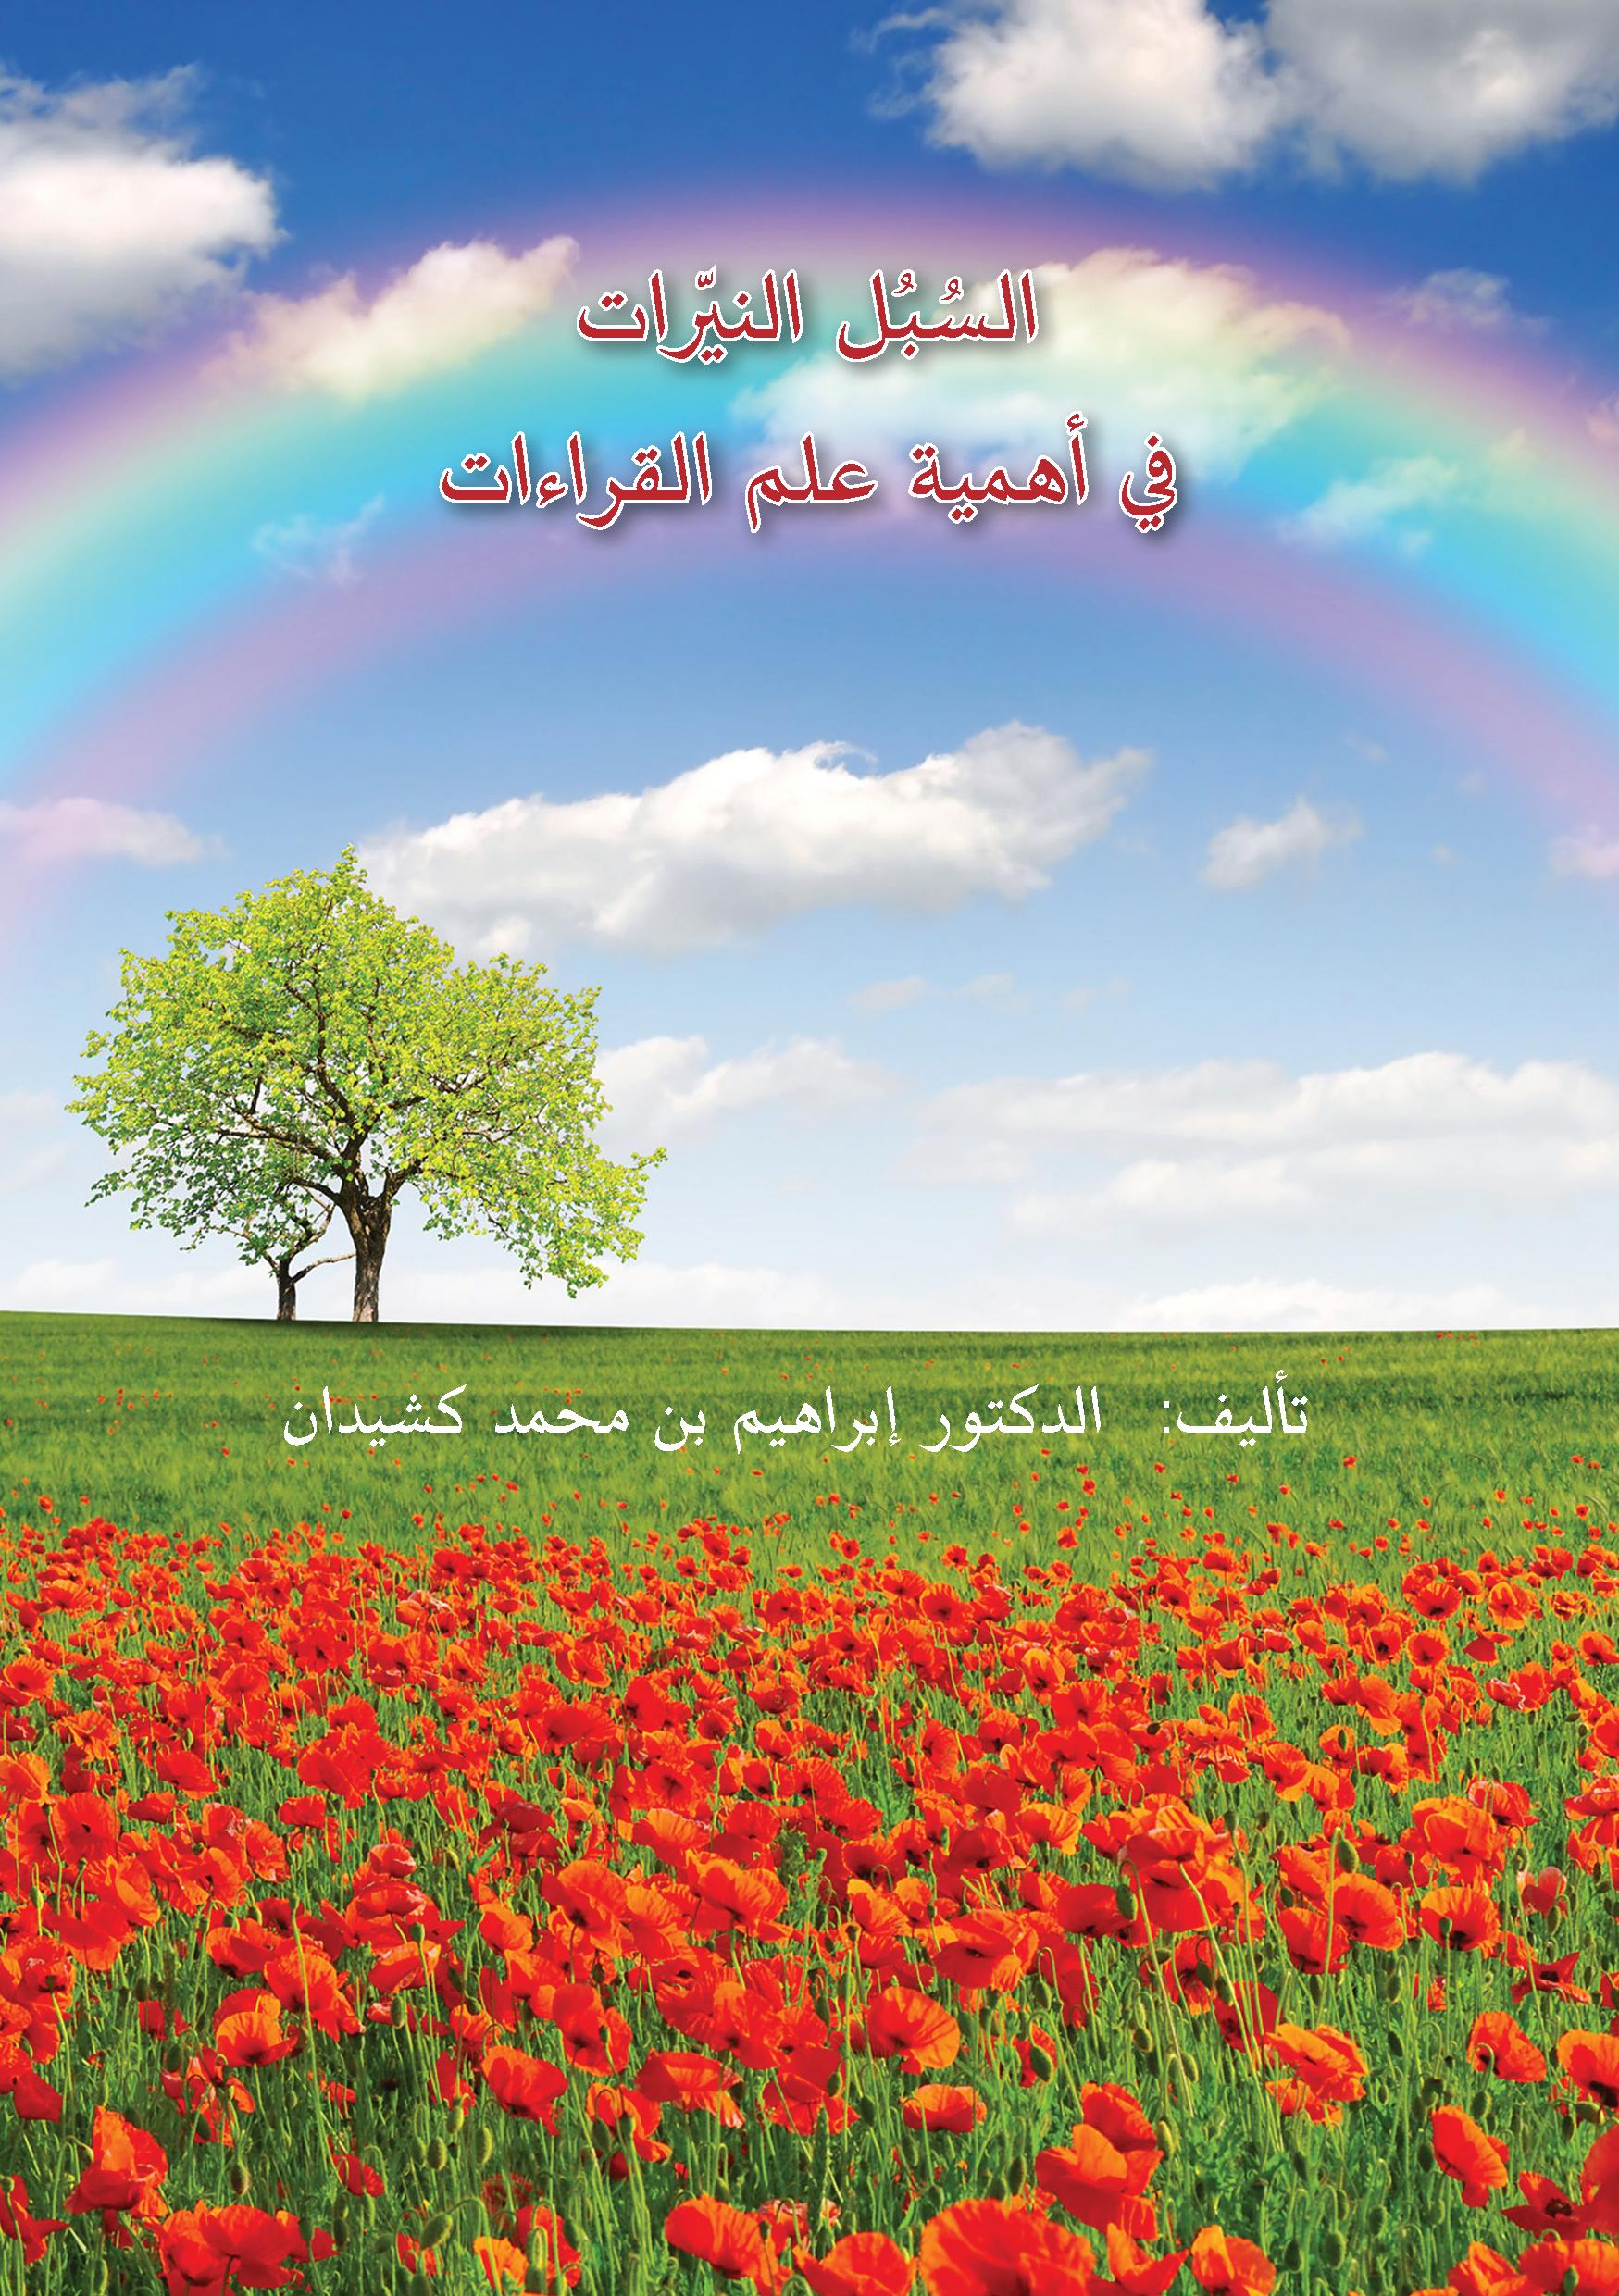 تحميل كتاب السبل النيرات في أهمية علم القراءات لـِ: الدكتور أبو إسماعيل إبراهيم بن محمد كشيدان